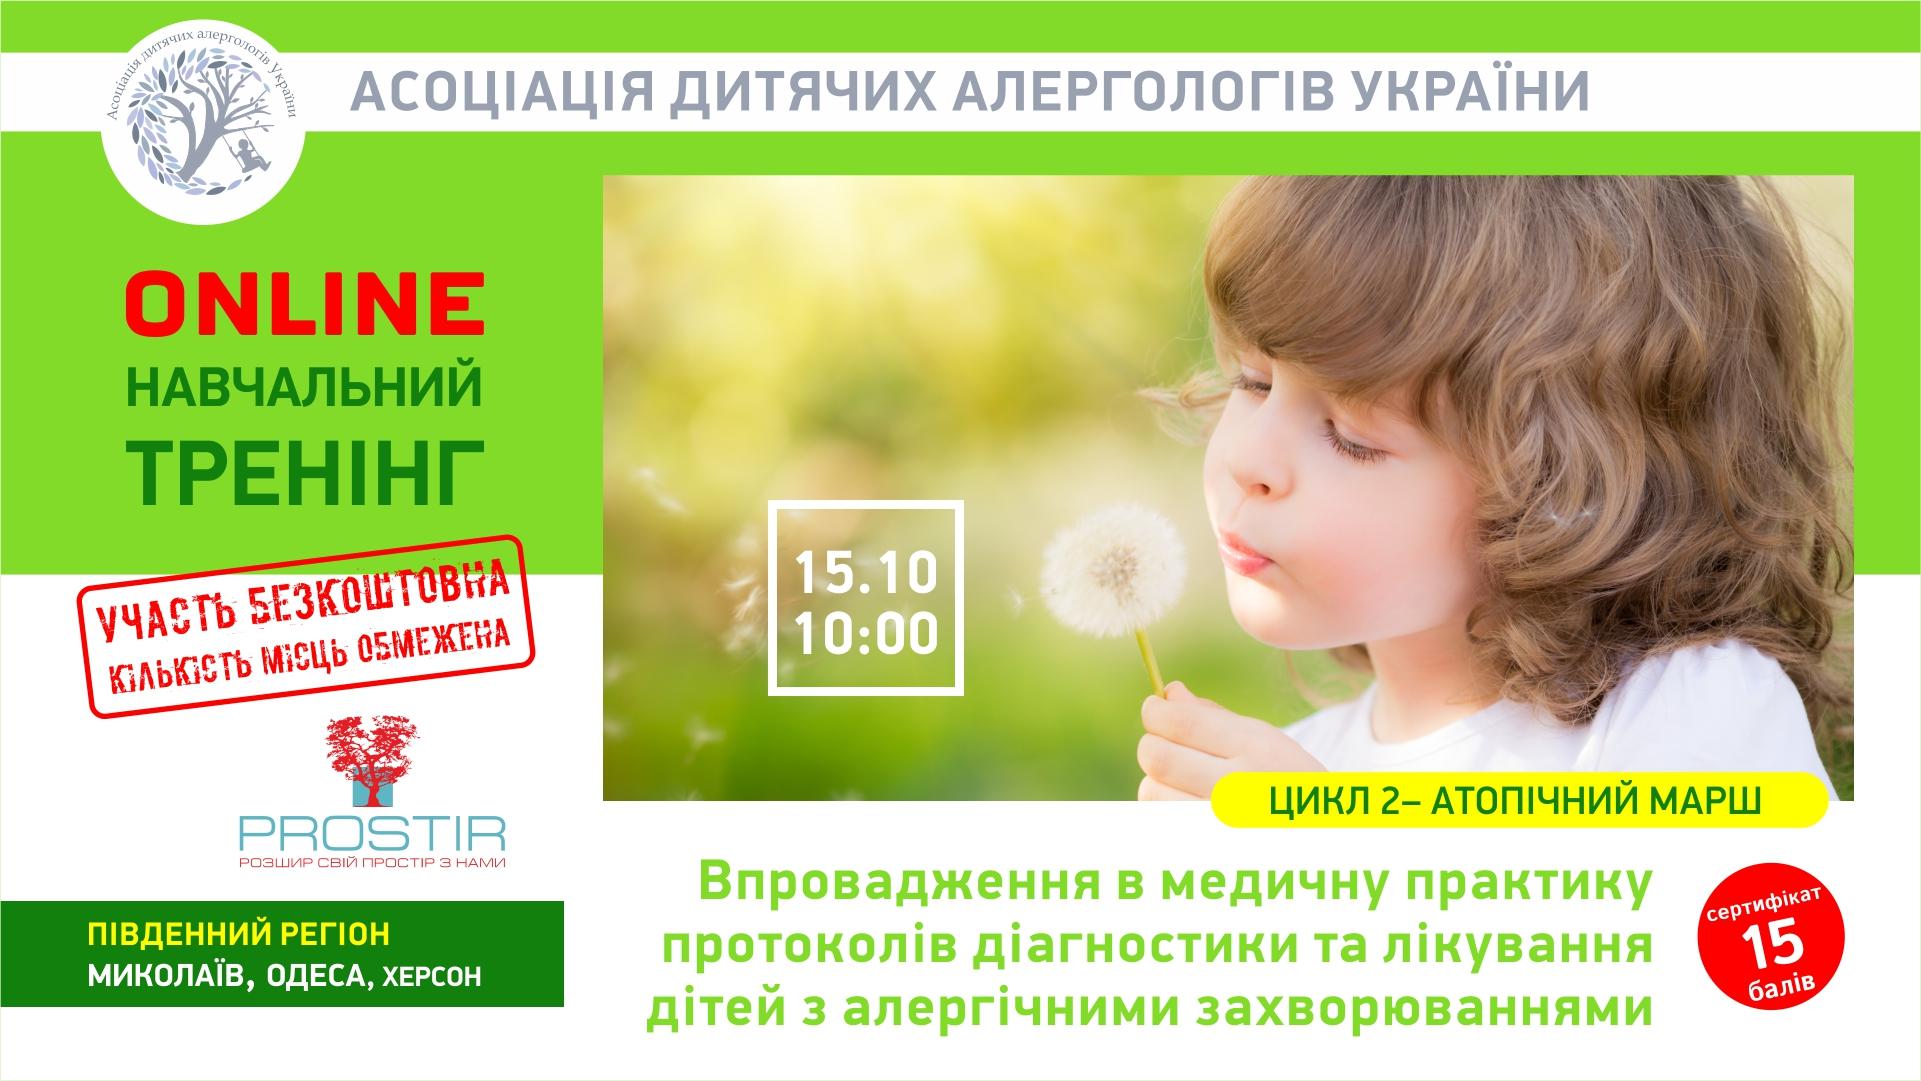 15 жовтня 2020 року о 10:00 Асоціація дитячих алергологів України проведе онлайн-тренінг на тему «ВПРОВАДЖЕННЯ В МЕДИЧНУ ПРАКТИКУ ПРОТОКОЛІВ ДІАГНОСТИКИ ТА ЛІКУВАННЯ ДІТЕЙ З АЛЕРГІЧНИМИ ЗАХВОРЮВАННЯМИ. ЦИКЛ 2 – АТОПІЧНИЙ МАРШ»